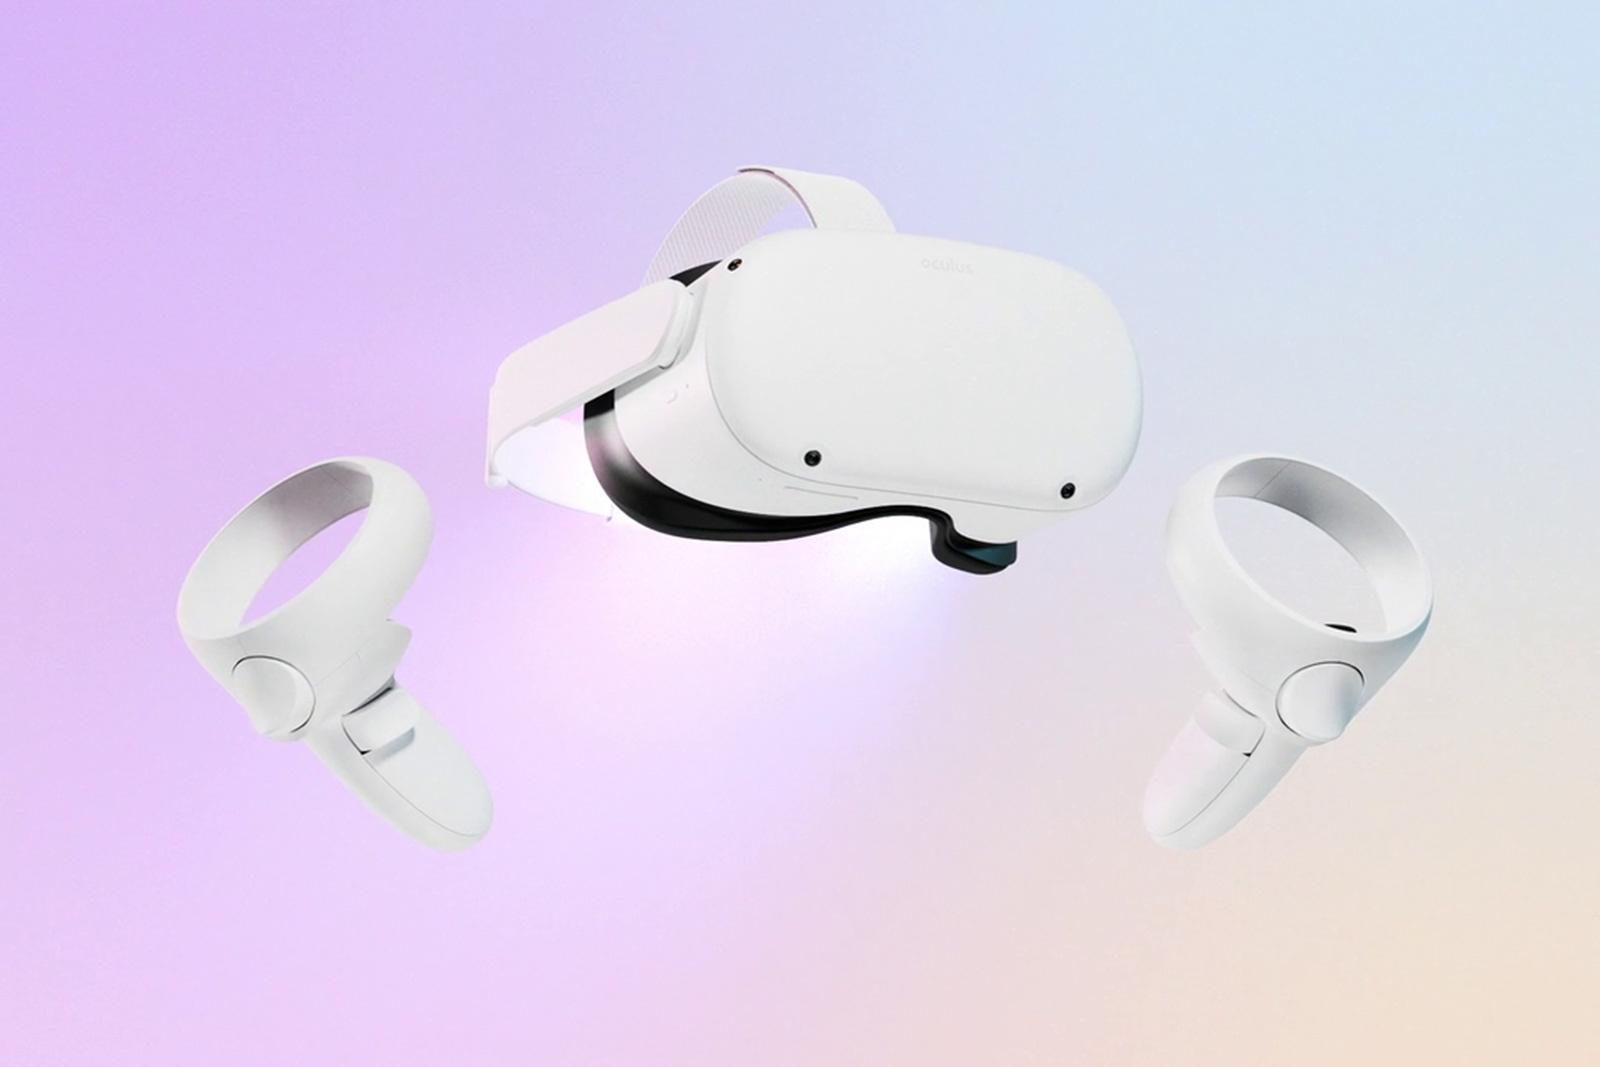 15 سبتمبر المقبل هو موعد إطلاق الجيل الجديد من نظارة الواقع الافتراضي من فيس بوك Oculus Quest (تسريبات)